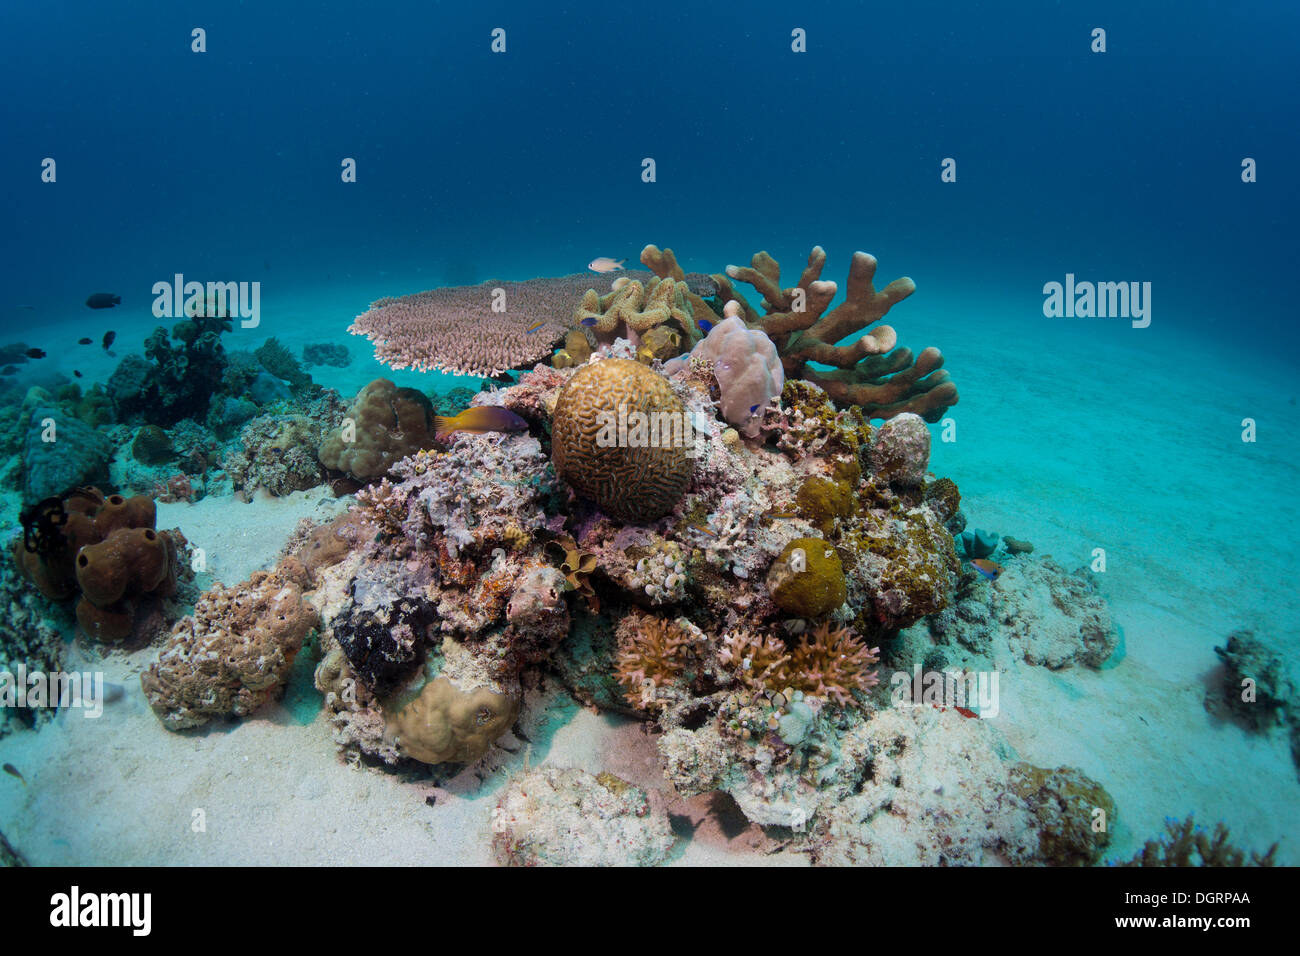 Les récifs coralliens intacts dans les eaux peu profondes de la lagune, Busuanga, Grande Barrière de Corail, Philippines Photo Stock